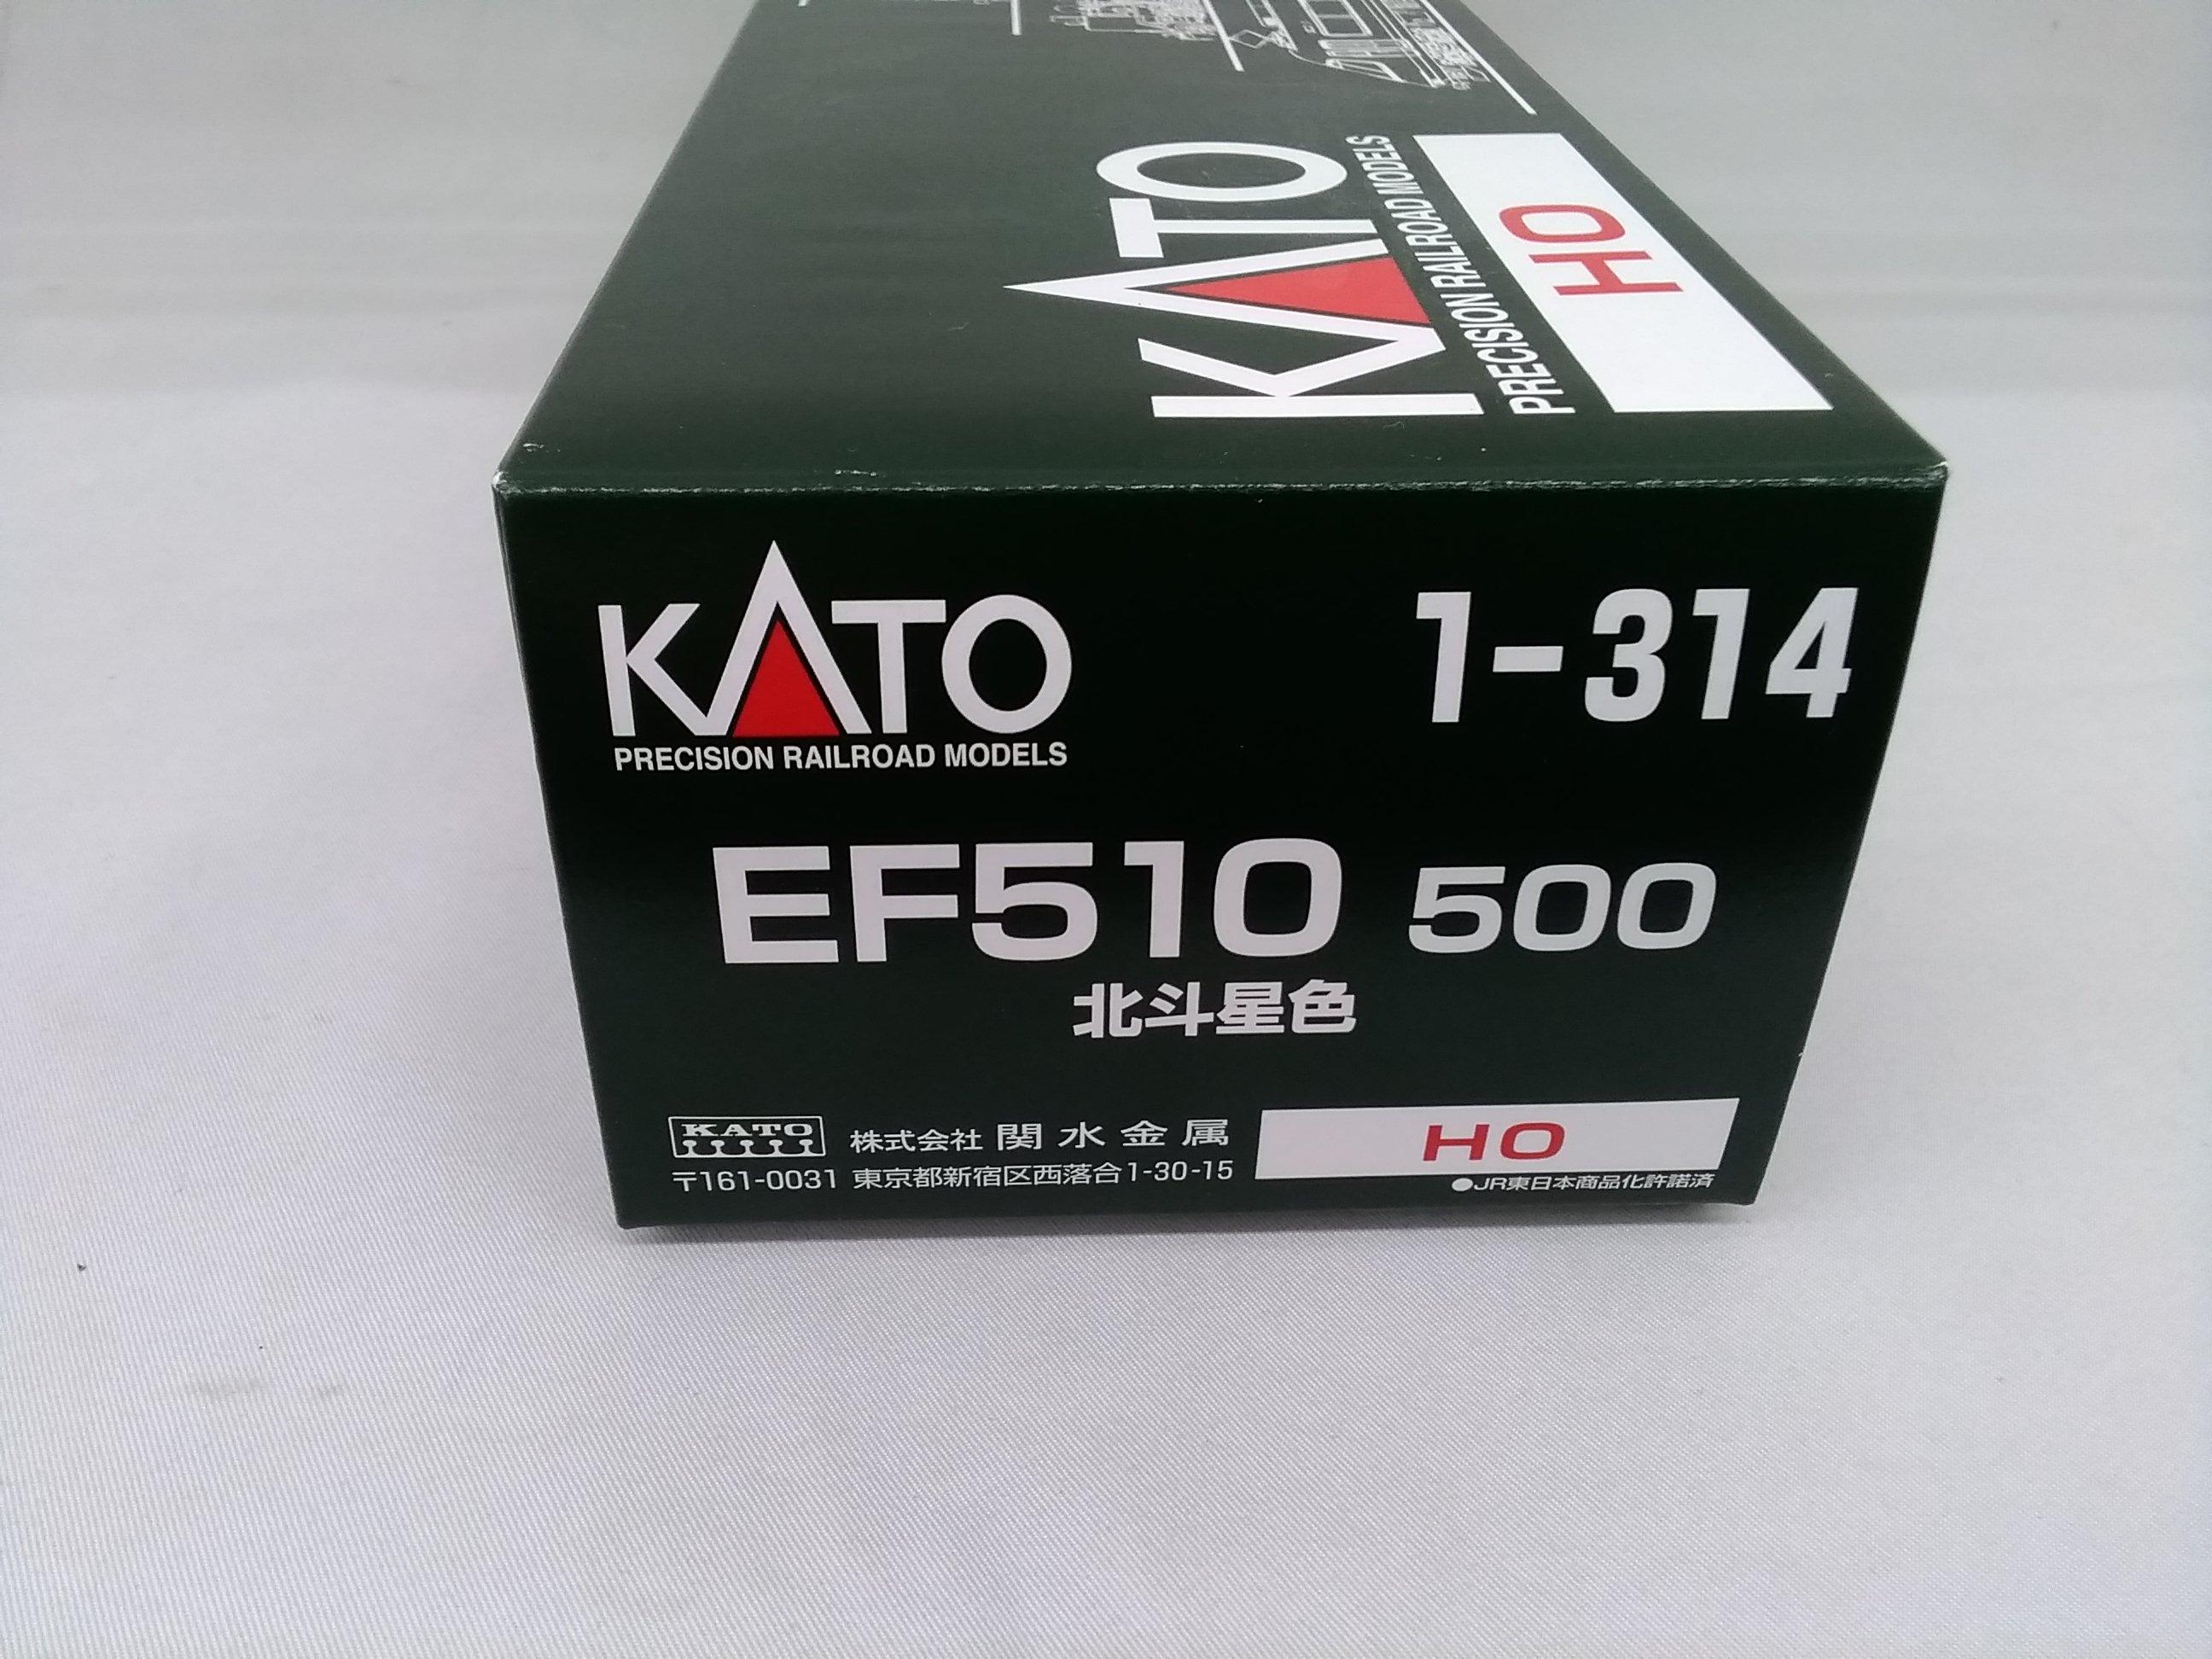 EF510 500 北斗星色|カトー